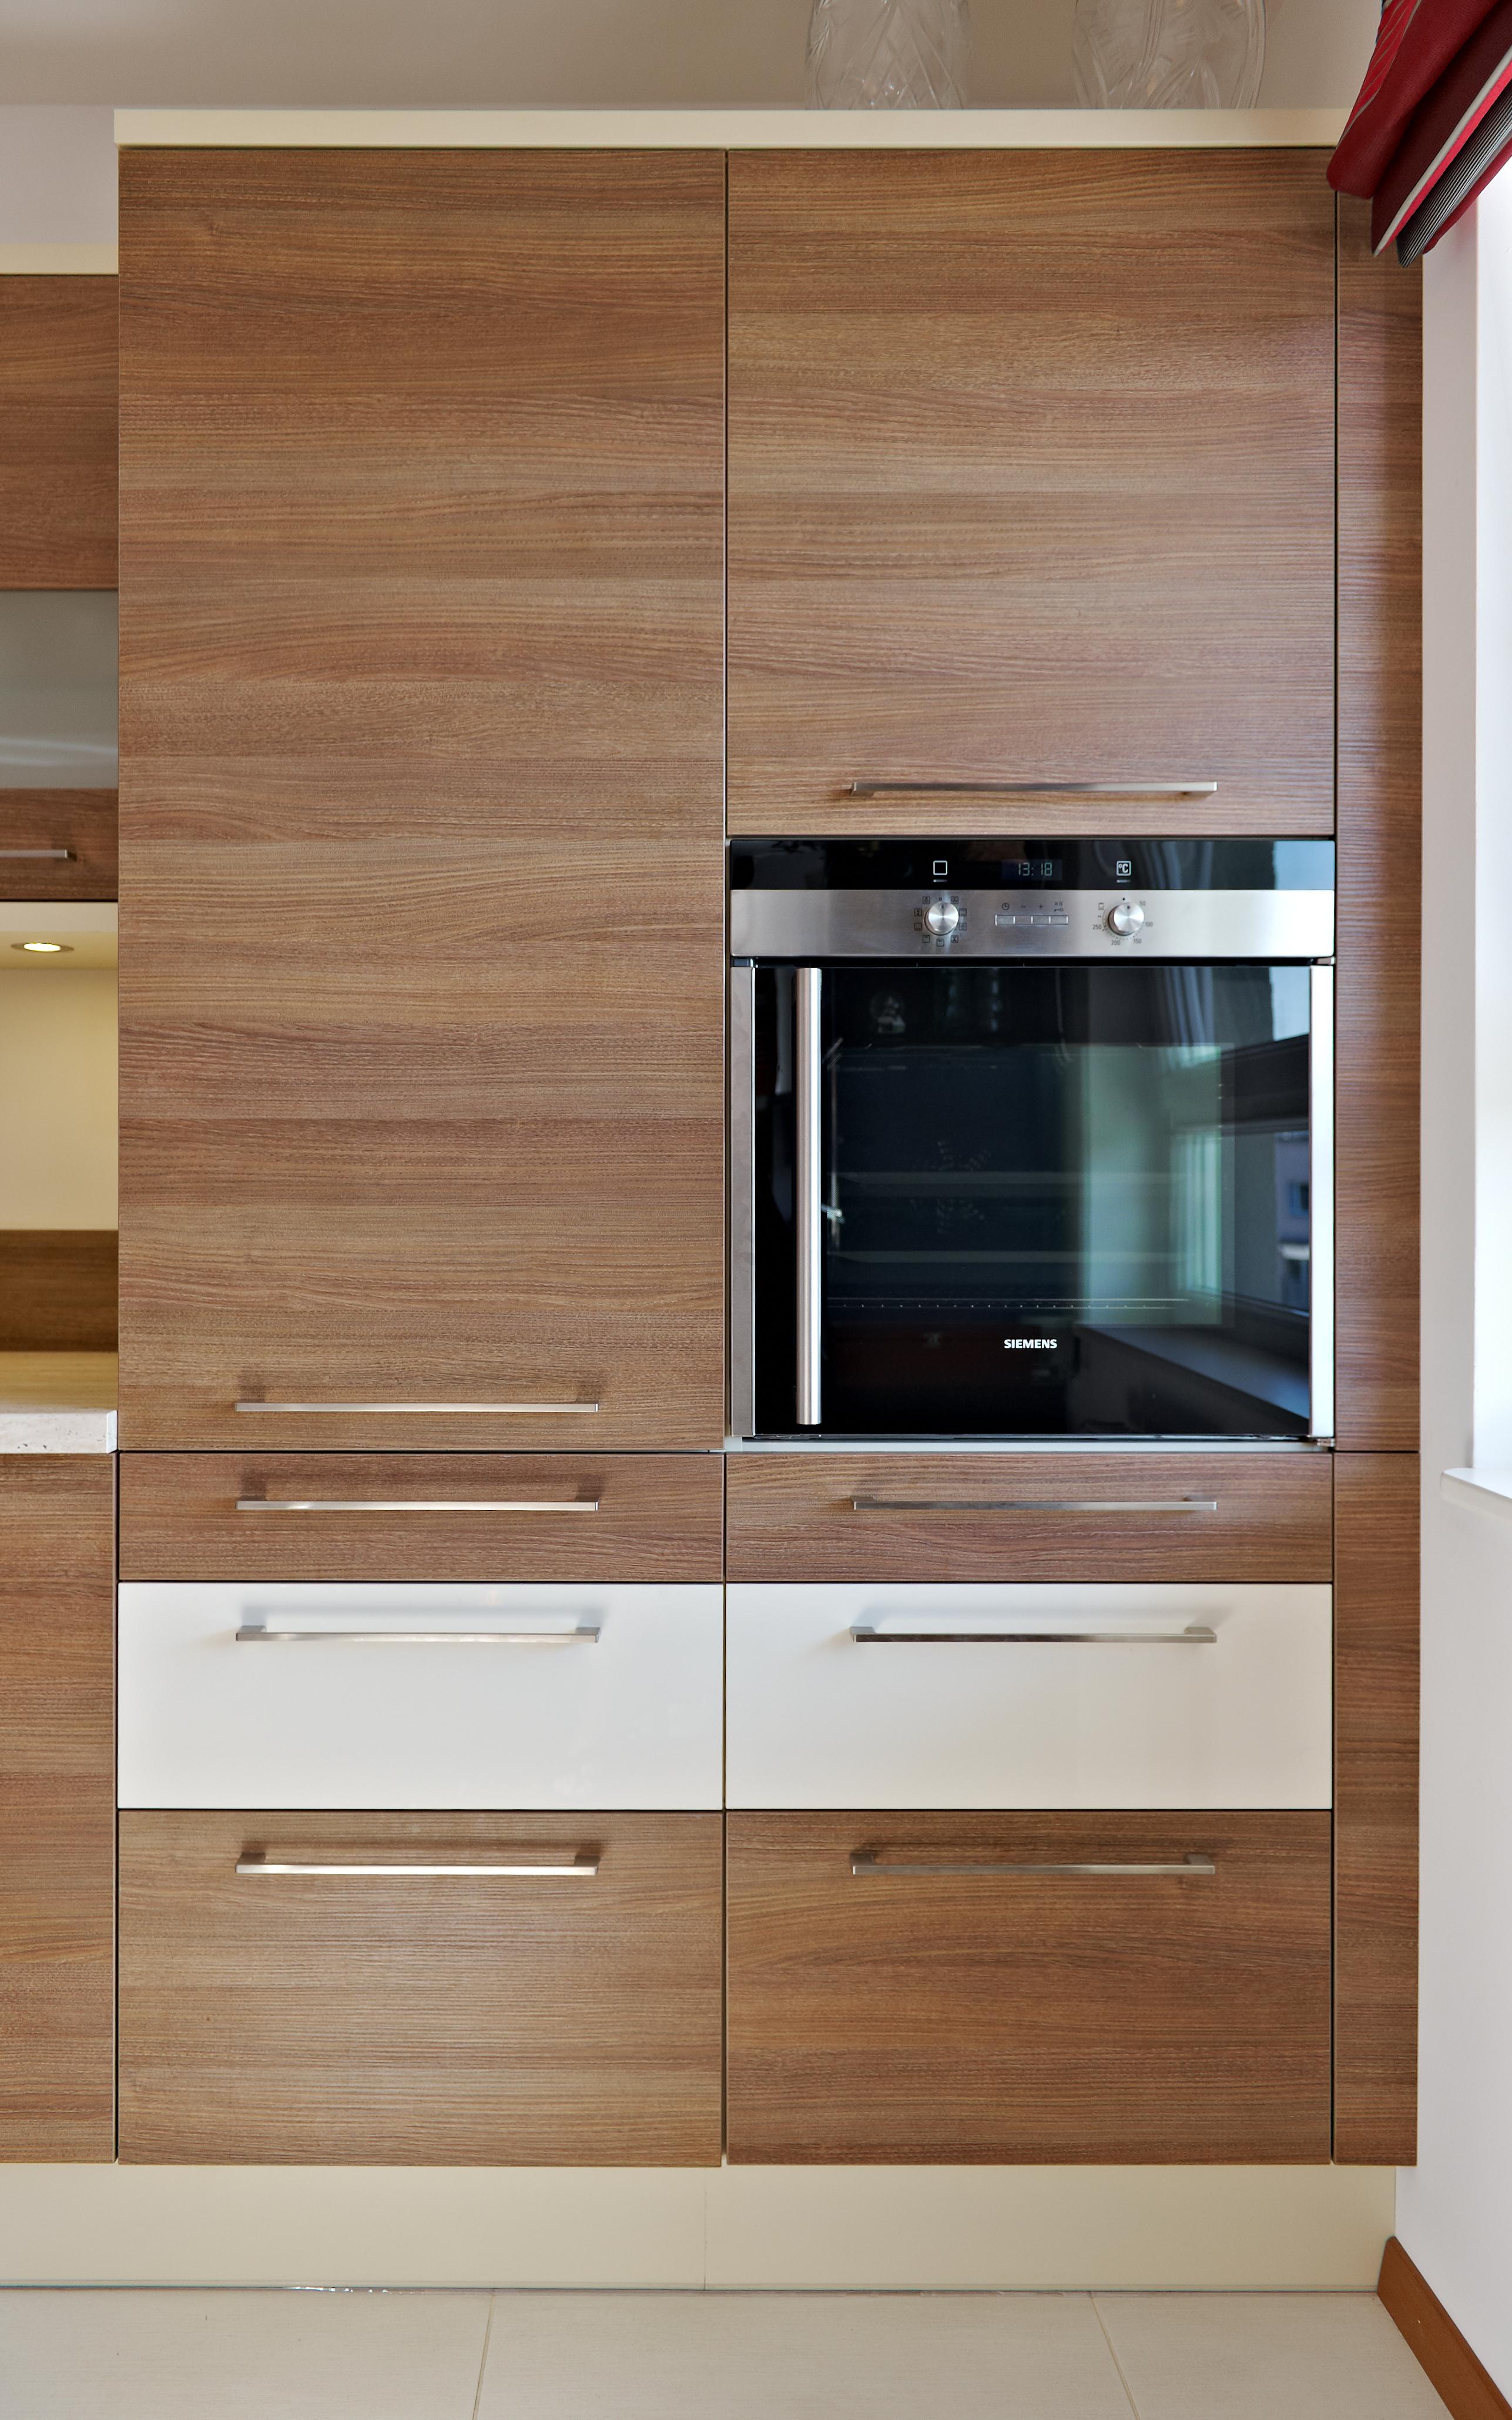 Aby zachować symetrię i harmonię w kuchni, sprzętu AGD nie umieszcza się w przypadkowym miejscu. W tym modelu kuchni Olivia zdecydowano się umieścić piekarnik i mikrofalę w słupku, jedno nad drugim. To jeden z popularniejszych sposobów aranżacji. Fot. KAM